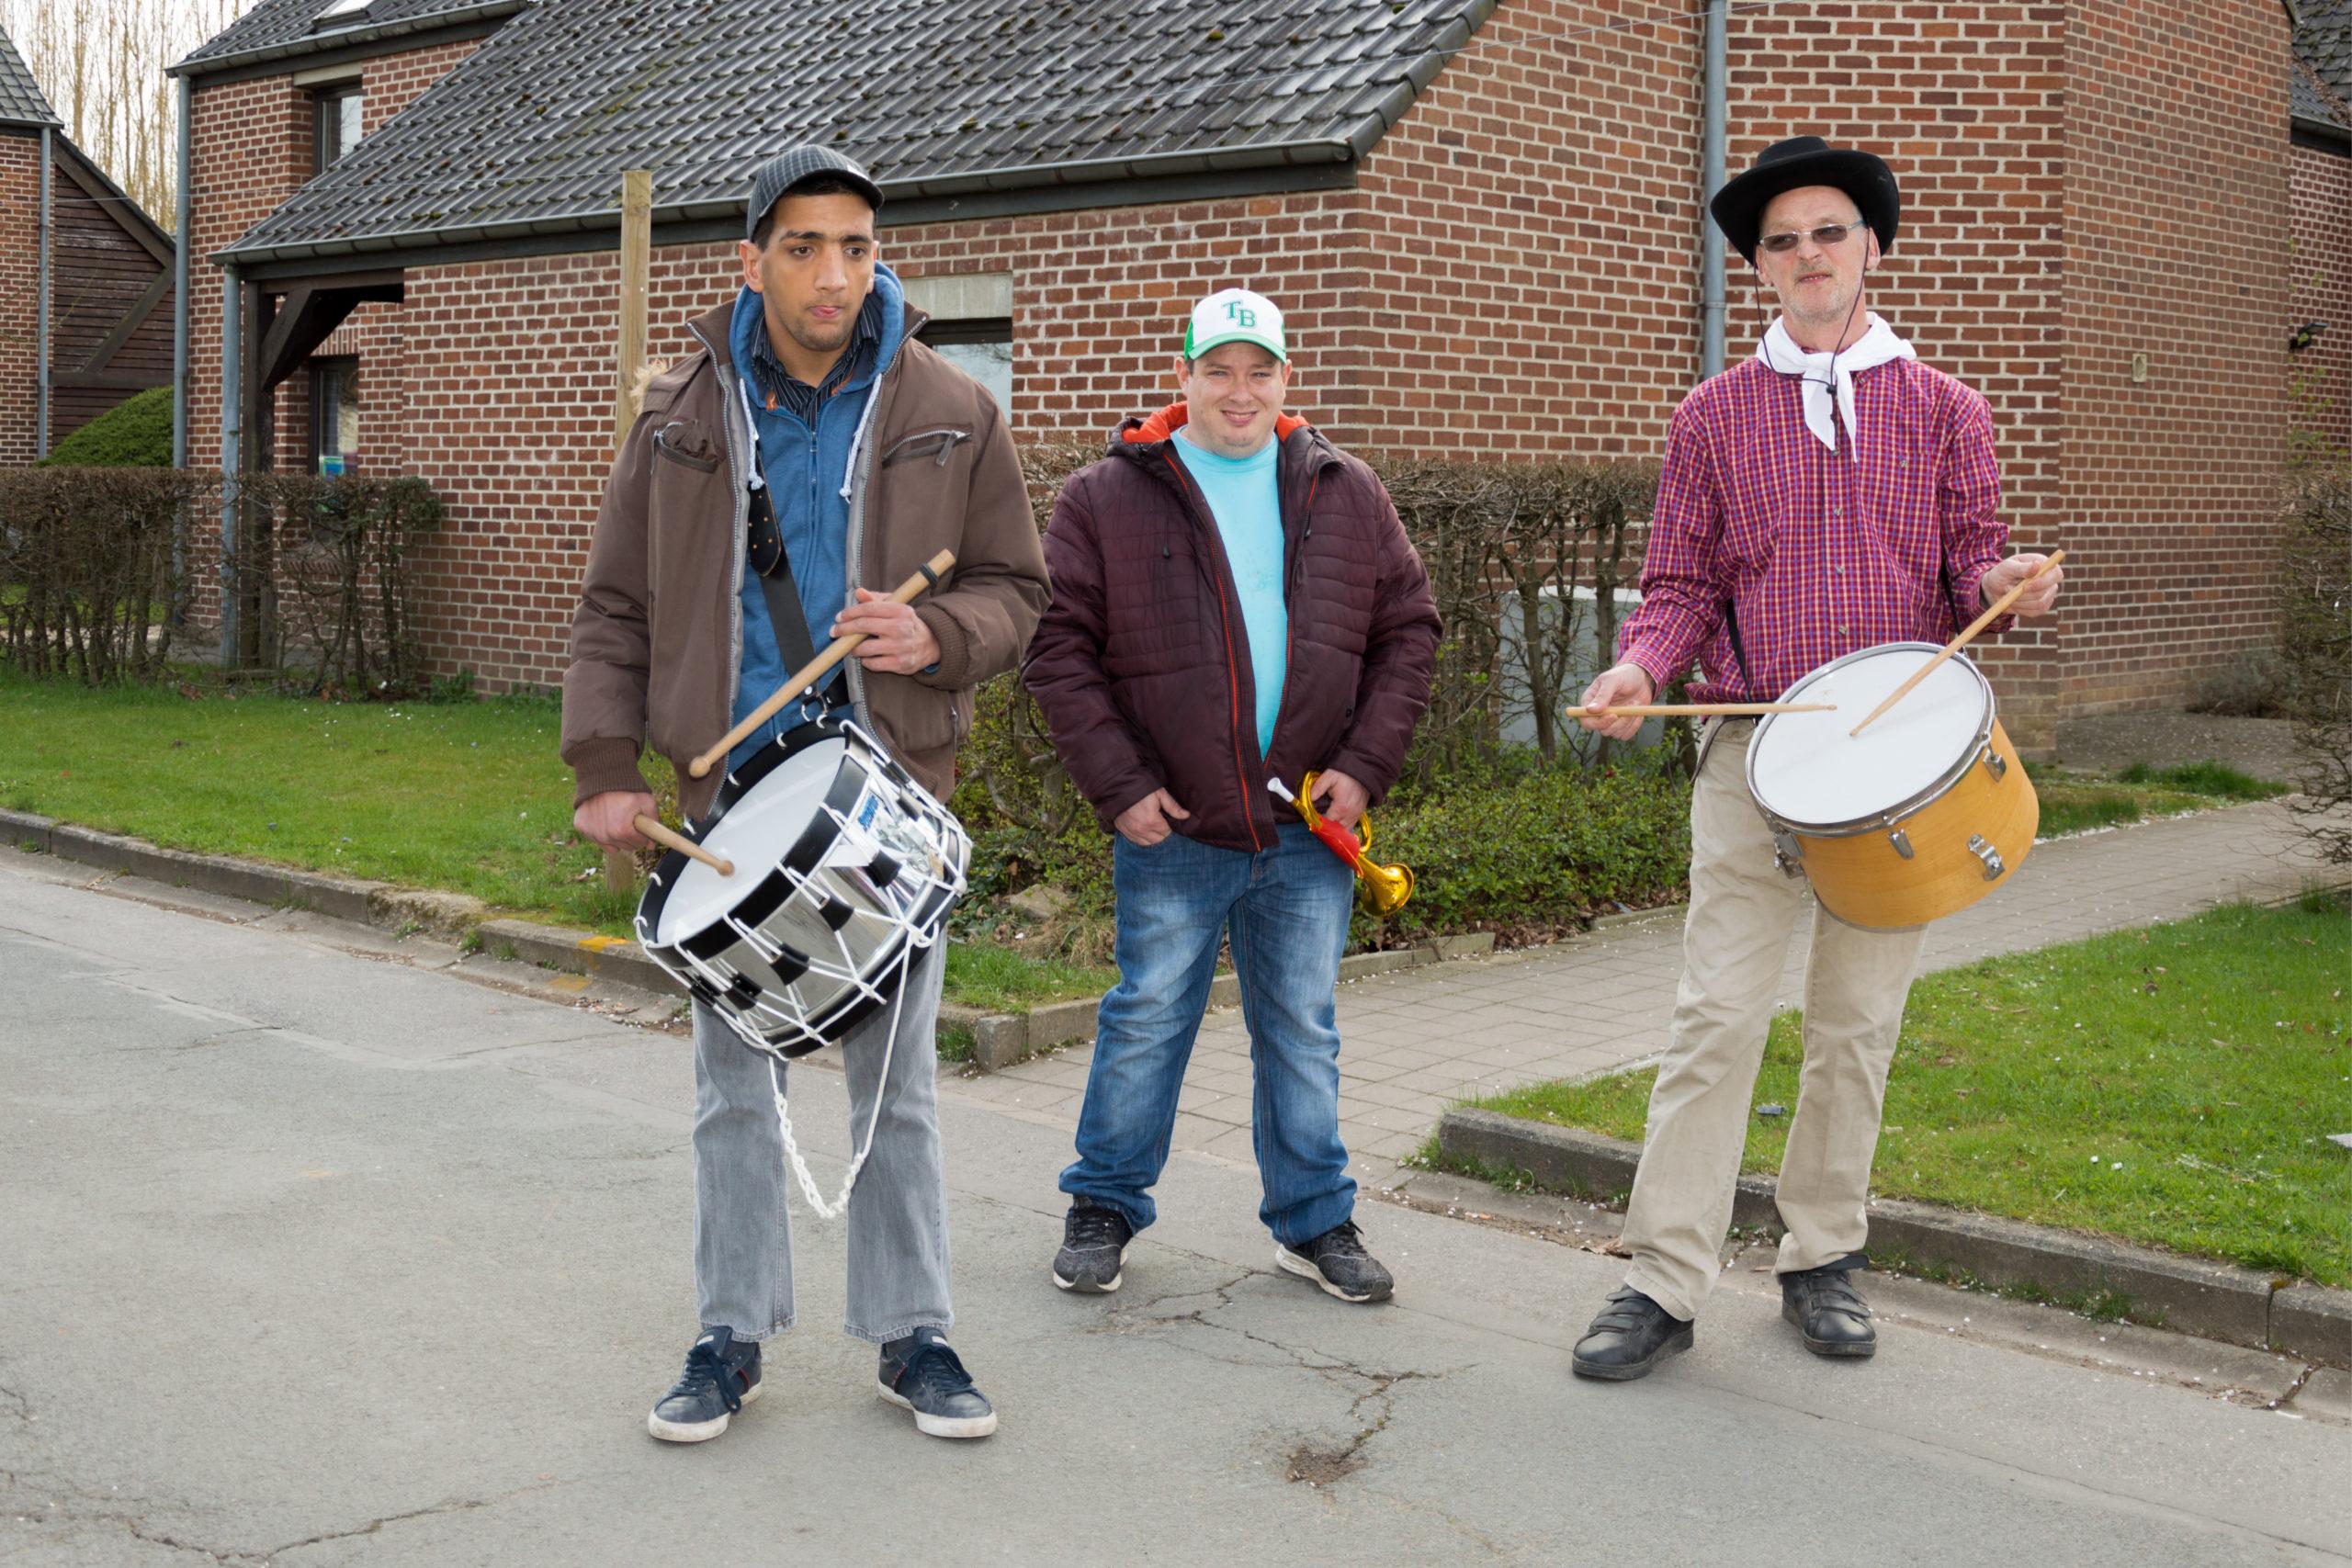 Trois hommes handicapés à l'extérieur dont deux tenant un tambour chacun et le troisième une trompette